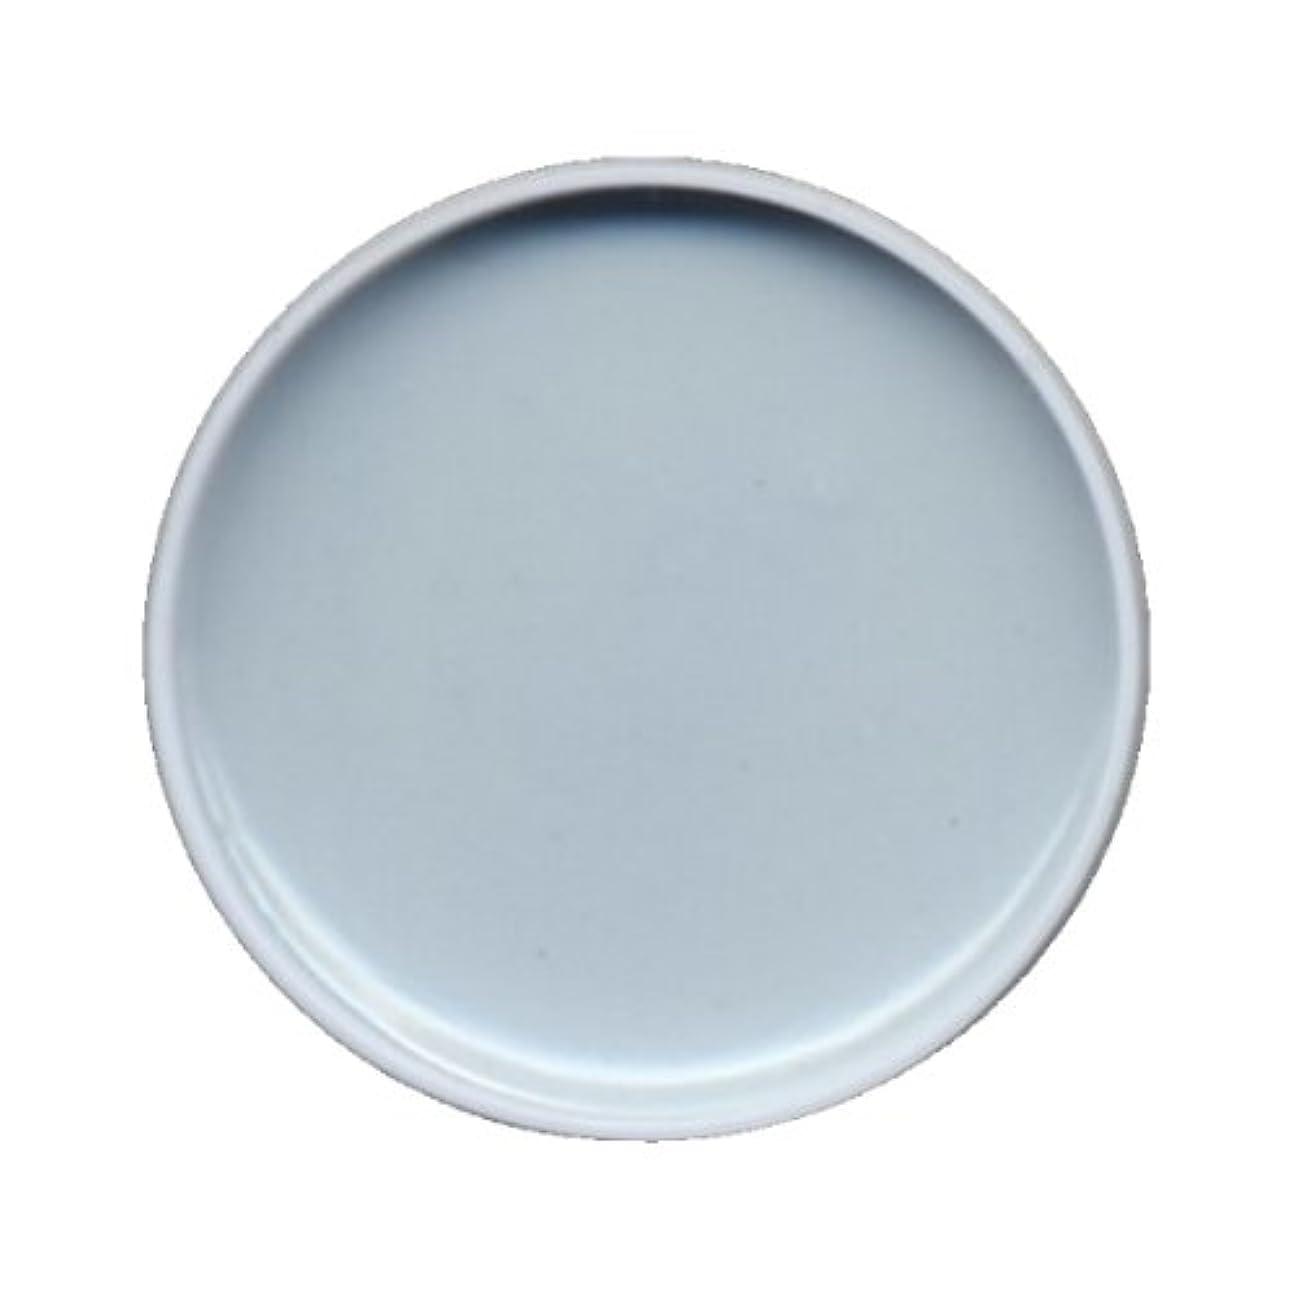 慣性離れた称賛(3 Pack) mehron Color Cups Face and Body Paint - Moonlight White (並行輸入品)